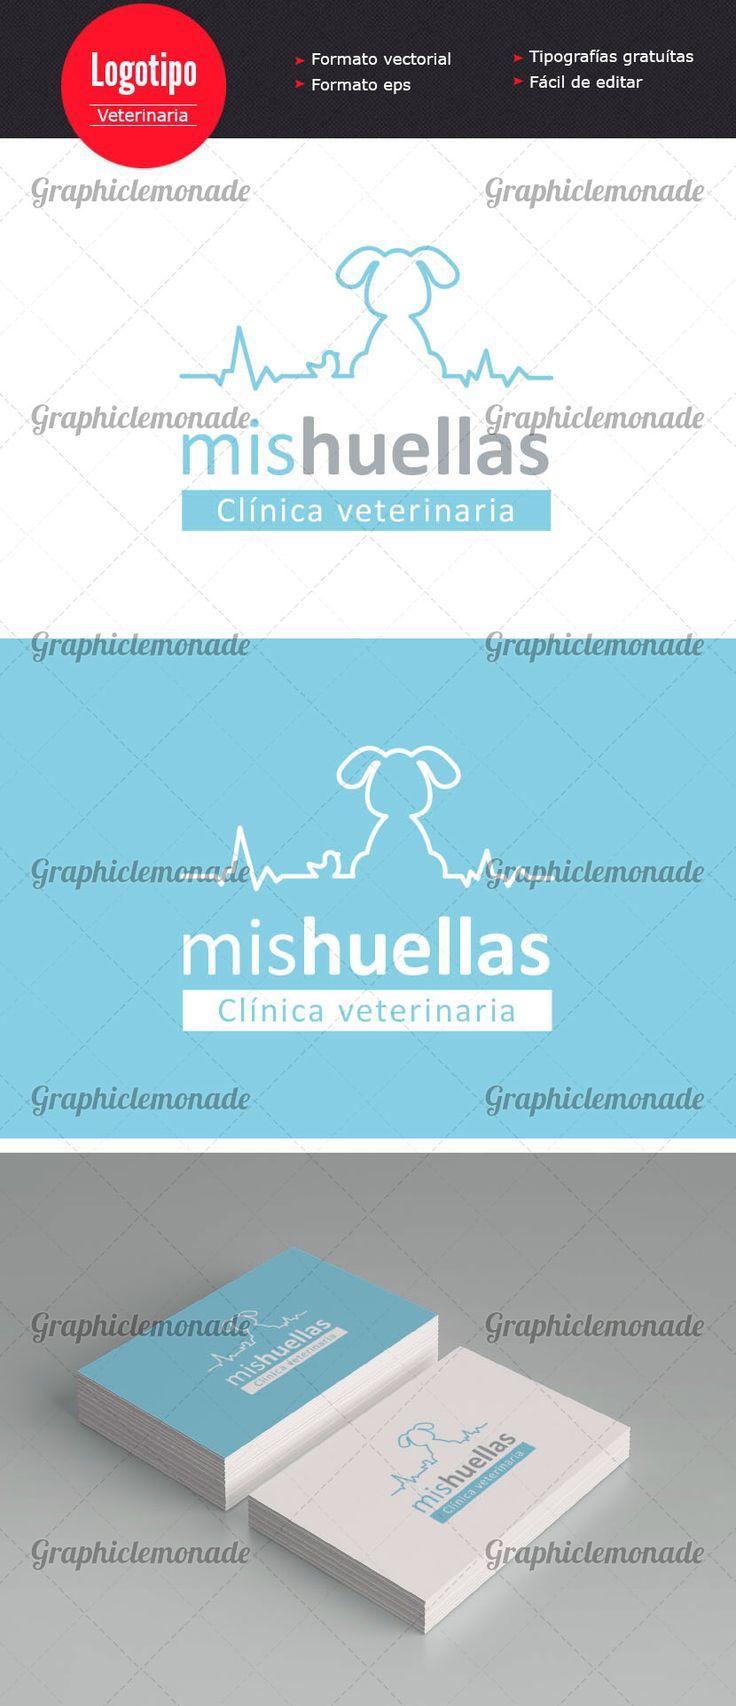 Logotipo Clínica Veterinaria